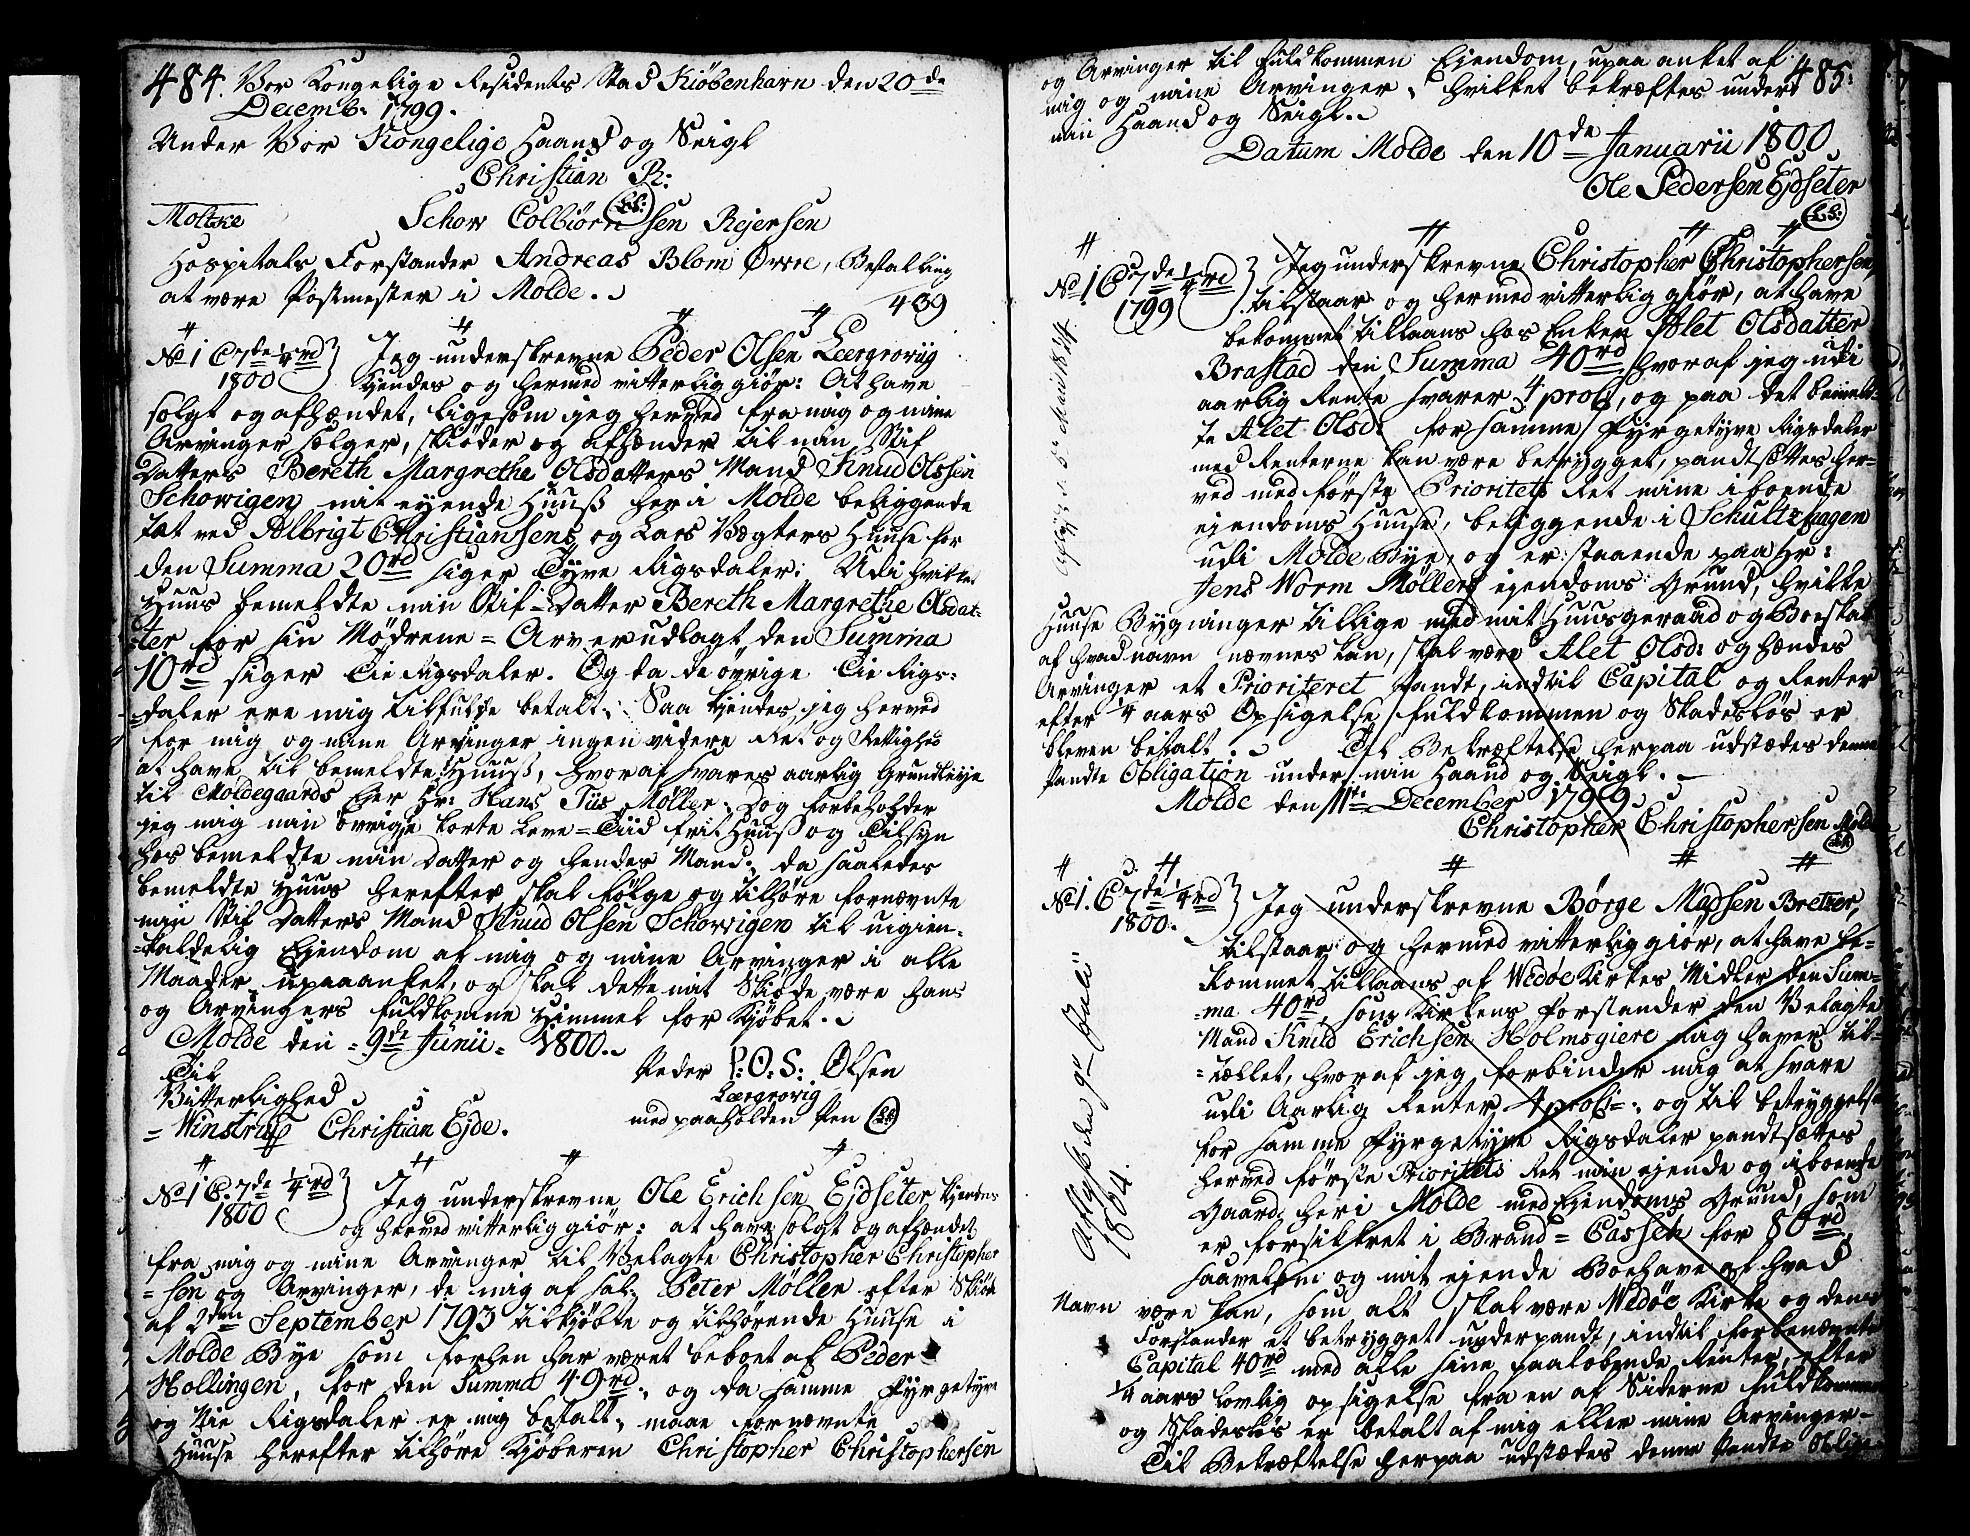 SAT, Molde byfogd, 2C/L0001: Pantebok nr. 1, 1748-1823, s. 484-485